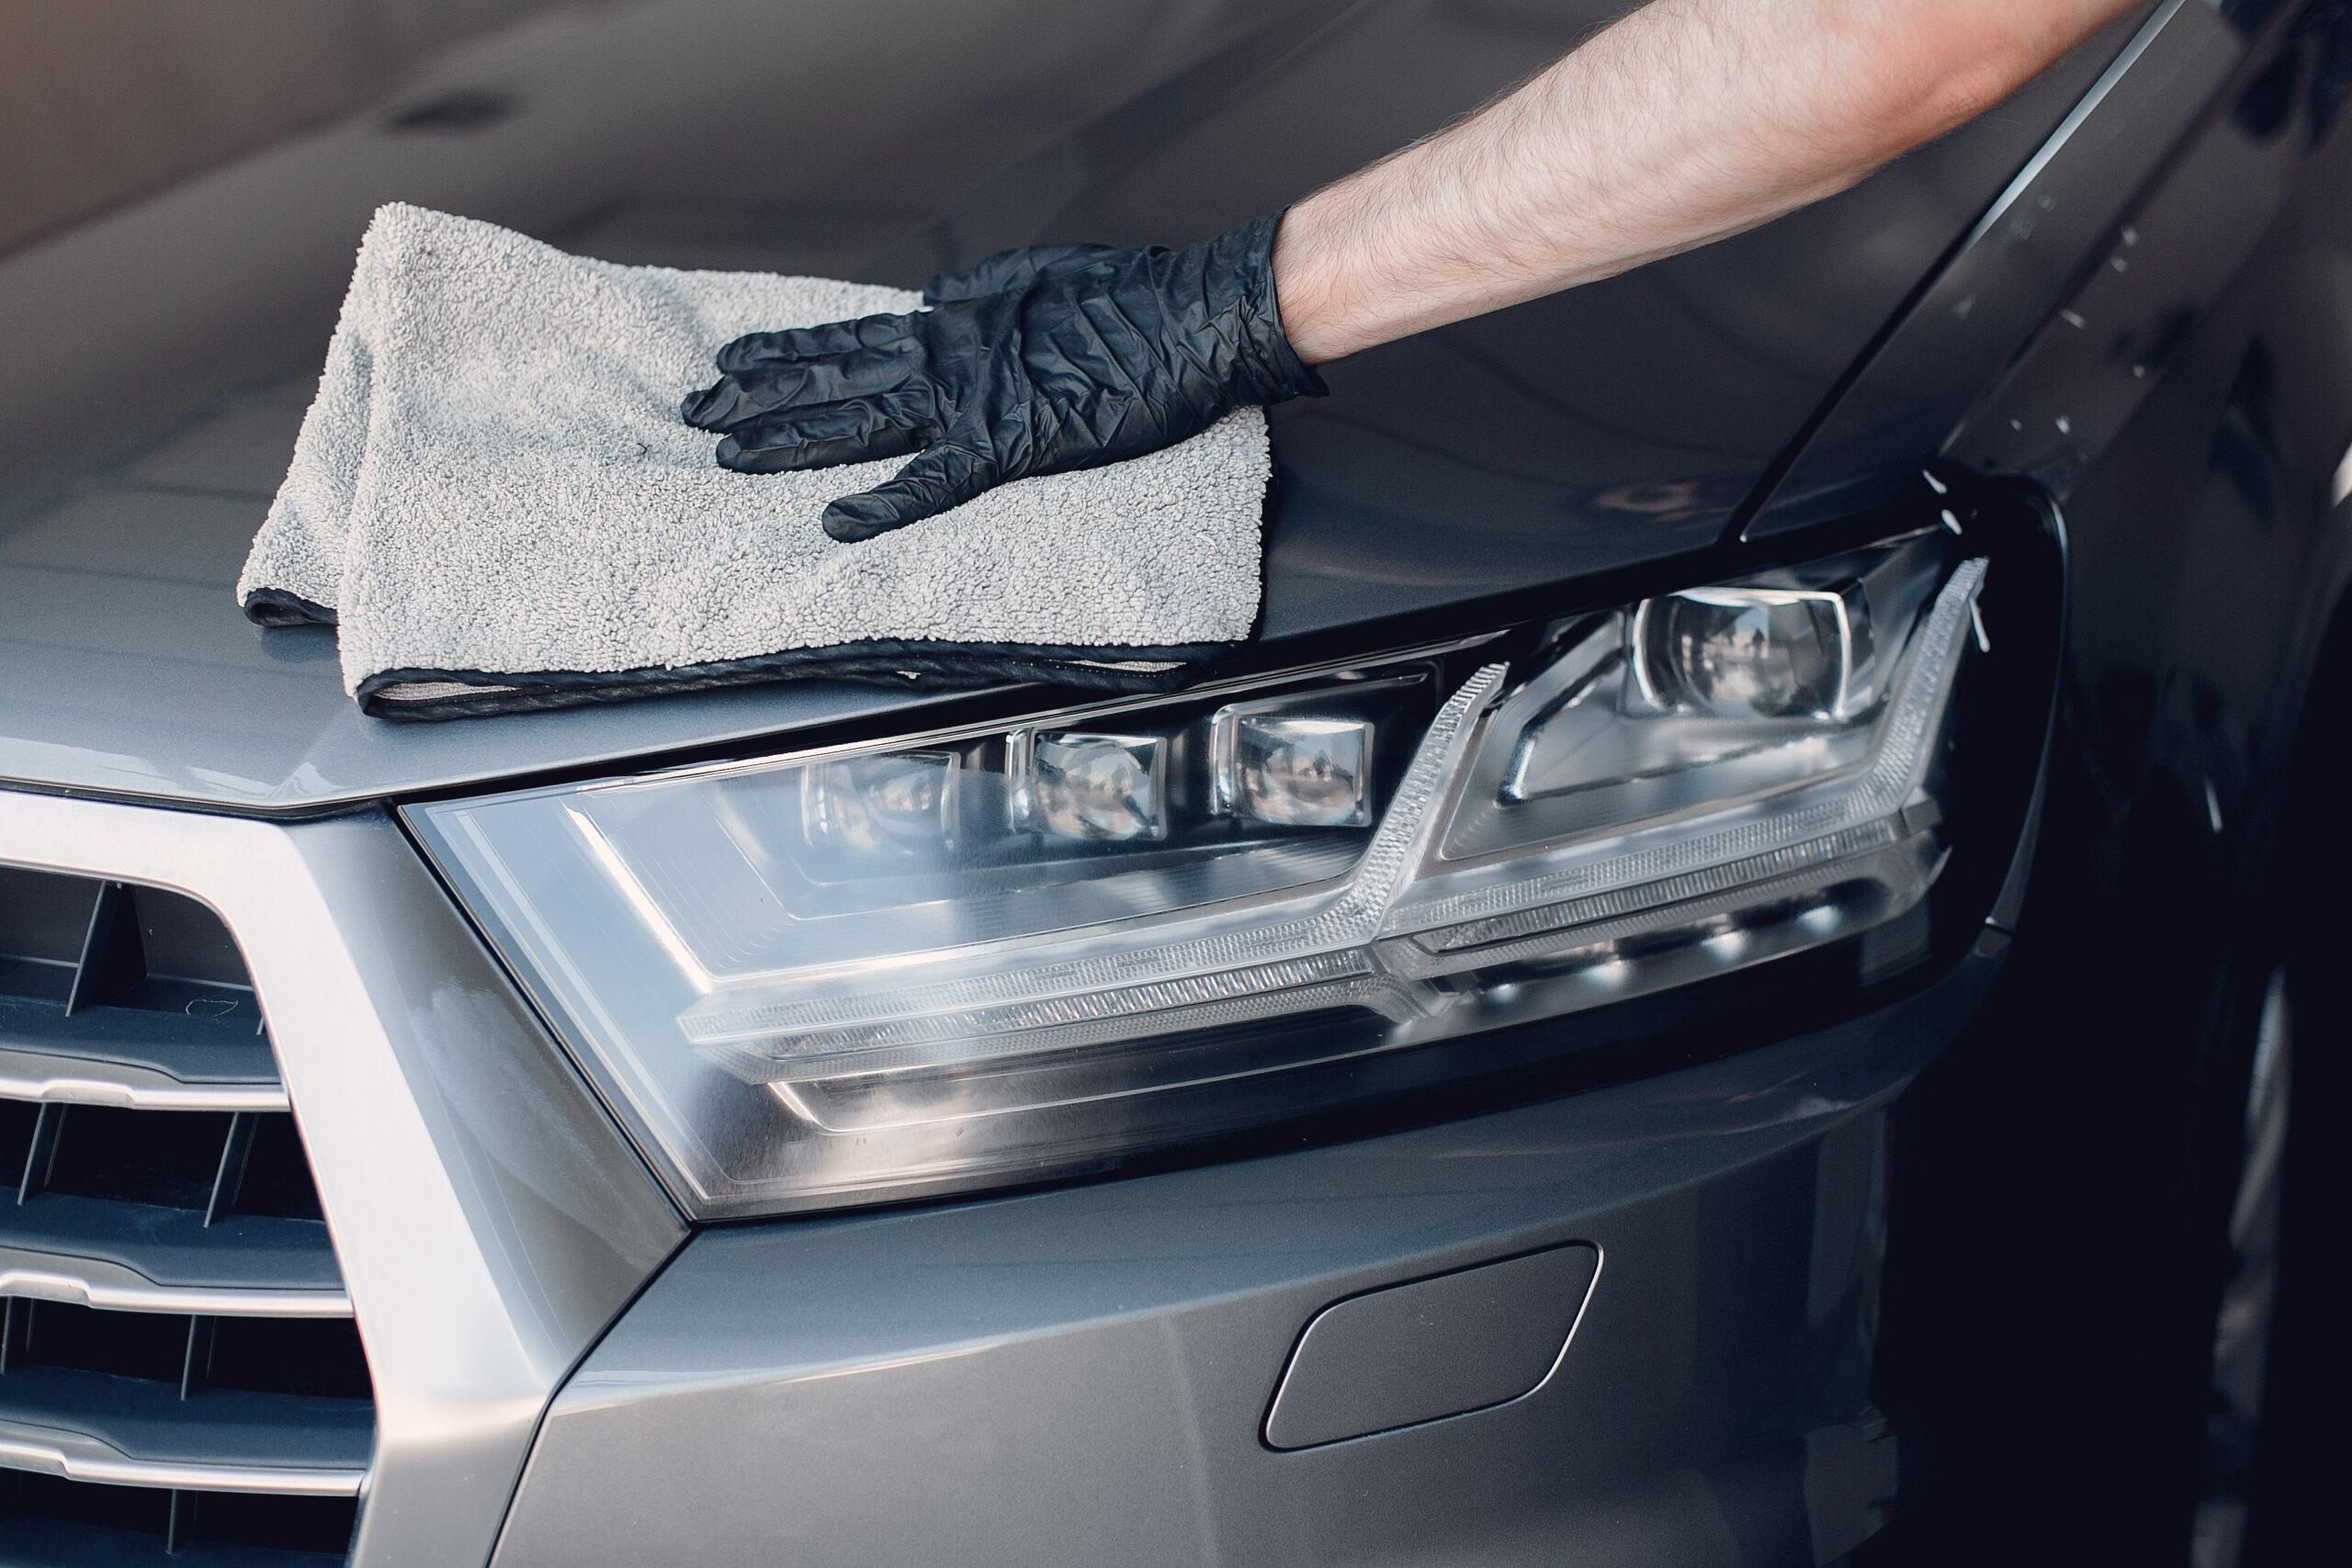 Imagem de uma pessoa fazendo a limpeza do capô de um carro cinza. Imagem ilustrativa texto abrir um lava jato.